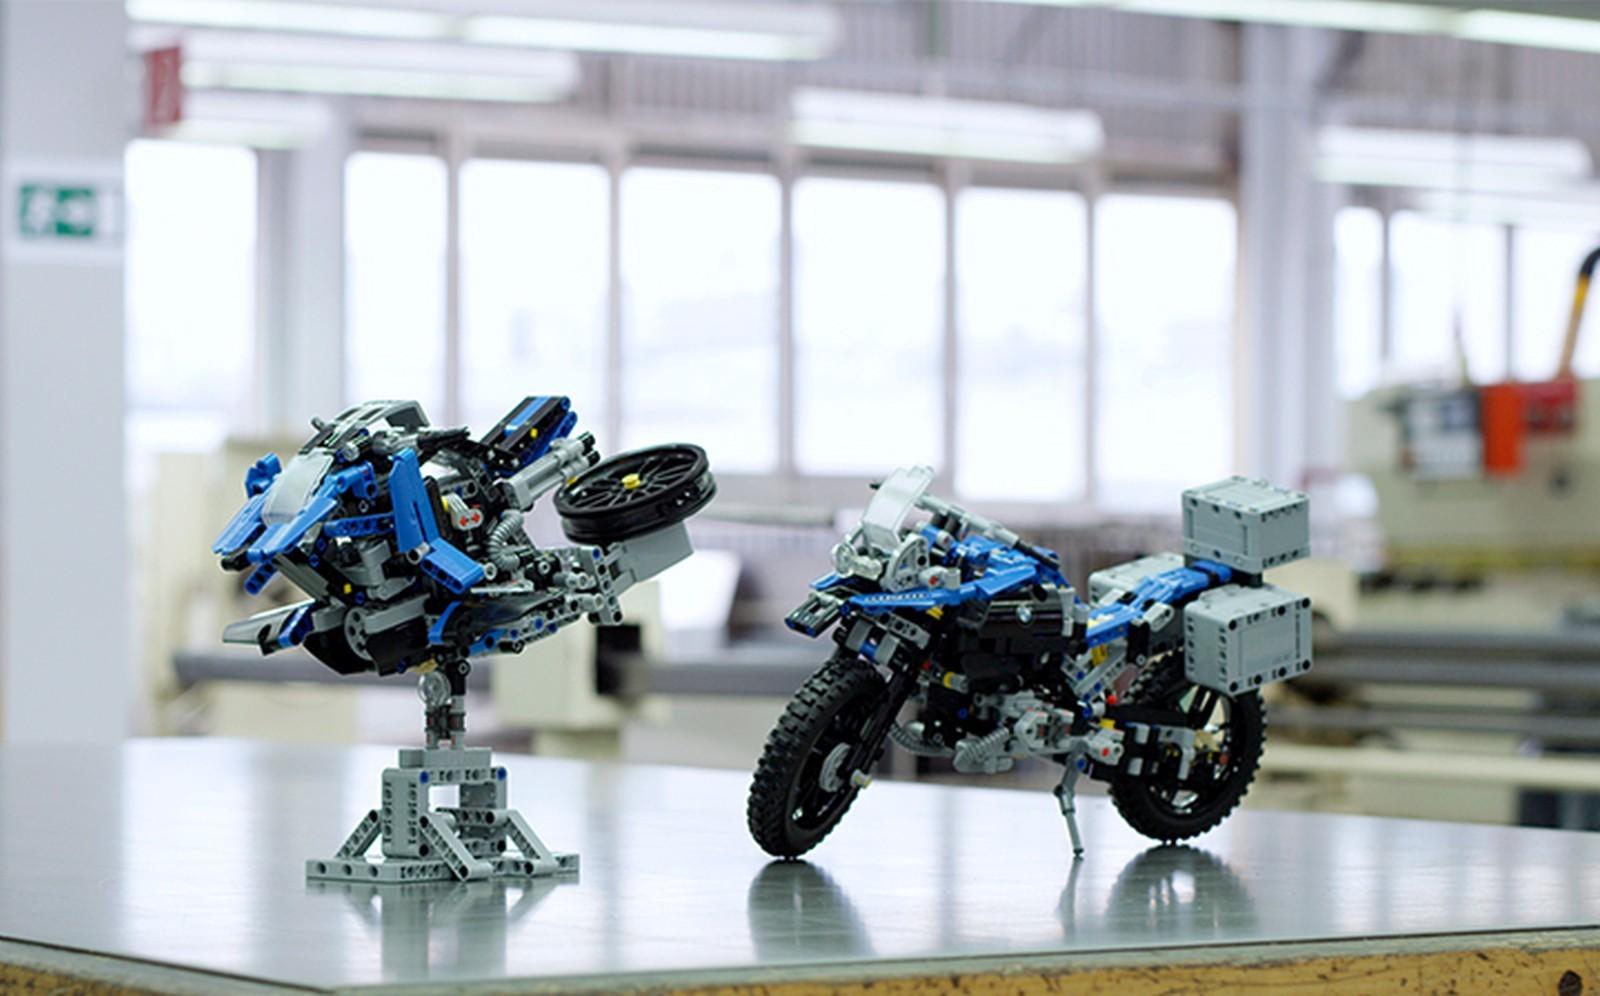 Lego-BMW-Motorrad-R-1200-GS-Hover-ride-2